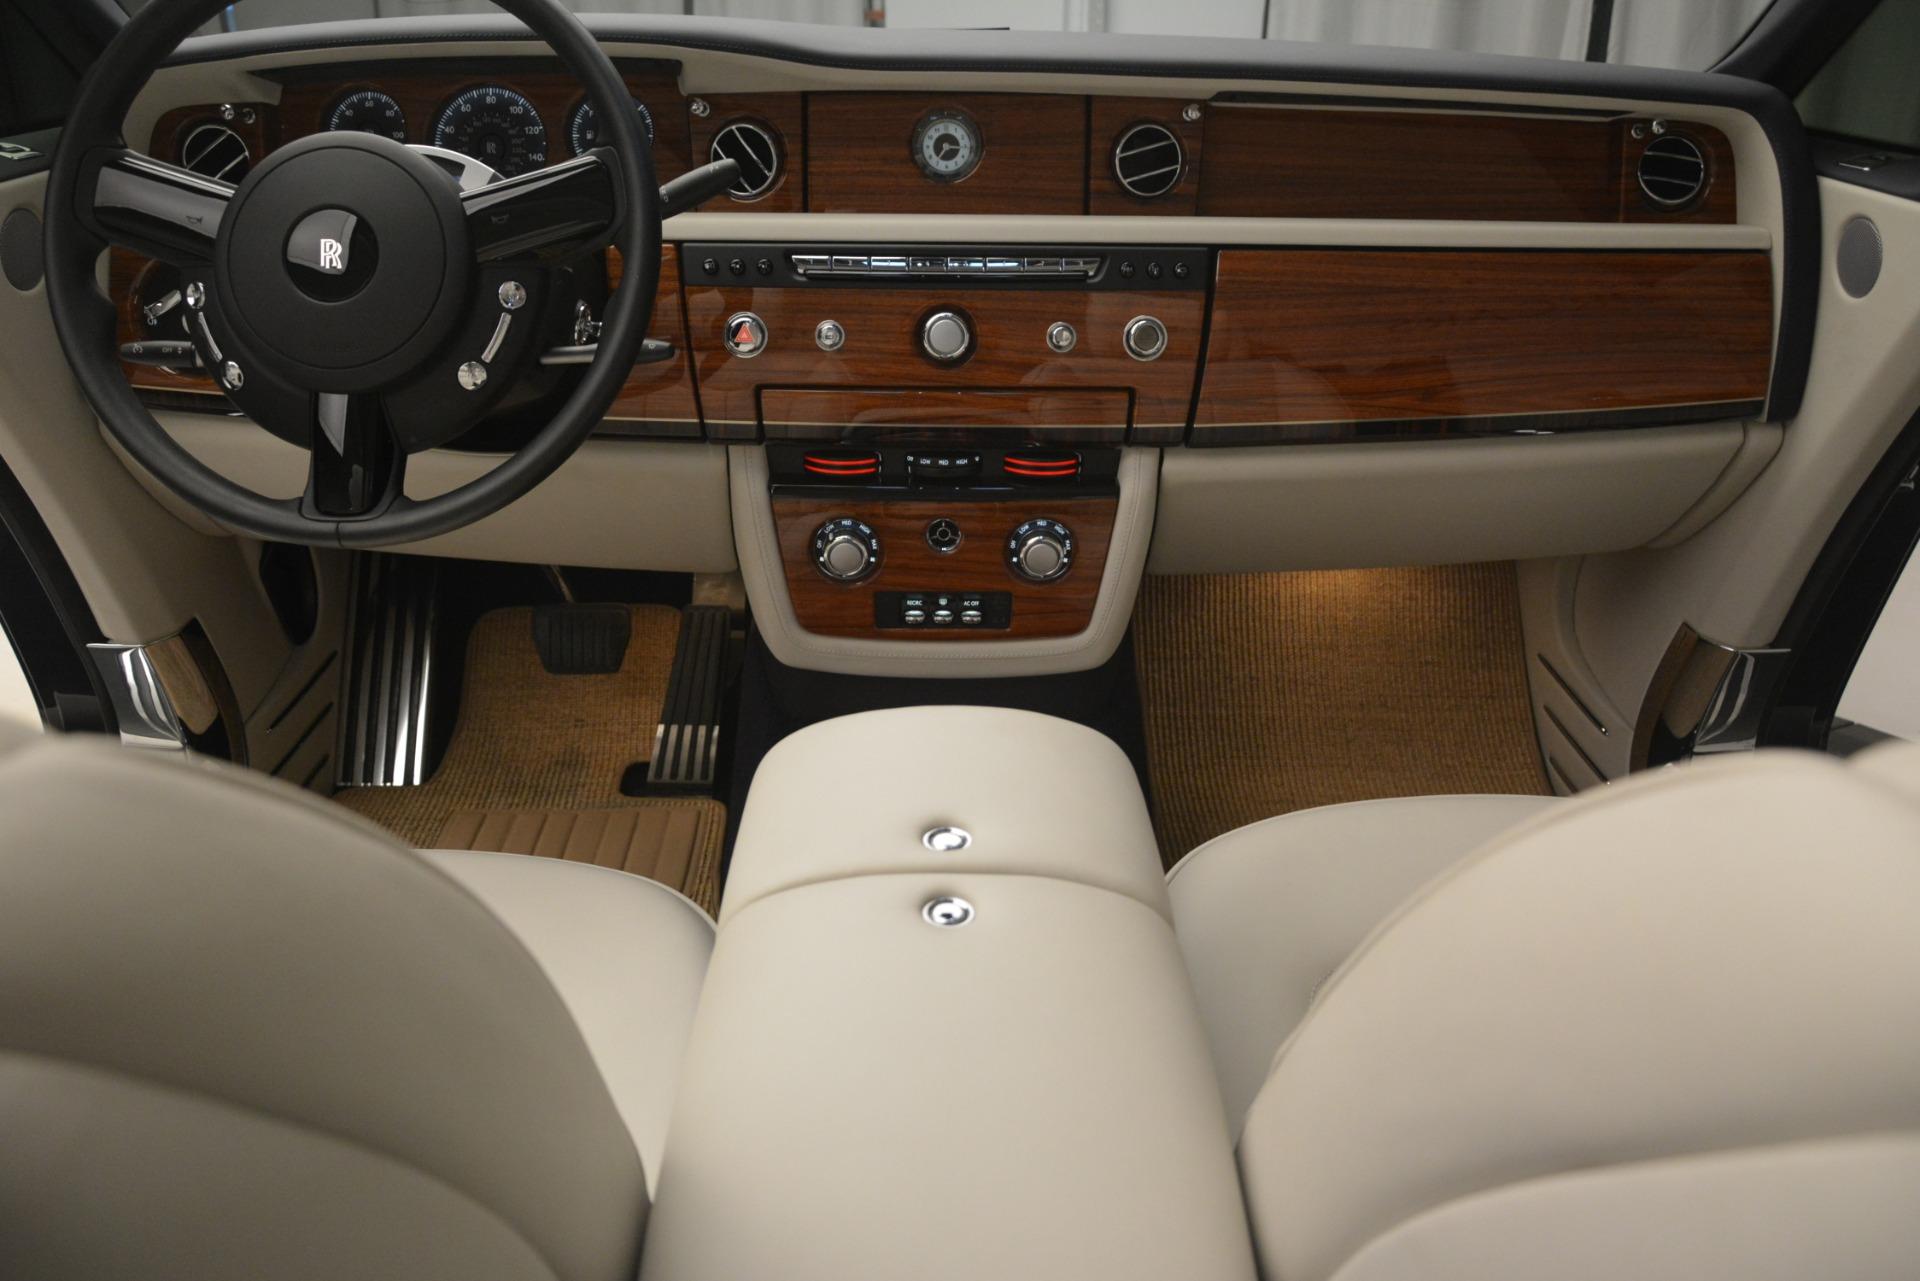 Used 2013 Rolls-Royce Phantom Drophead Coupe  For Sale In Westport, CT 2999_p34